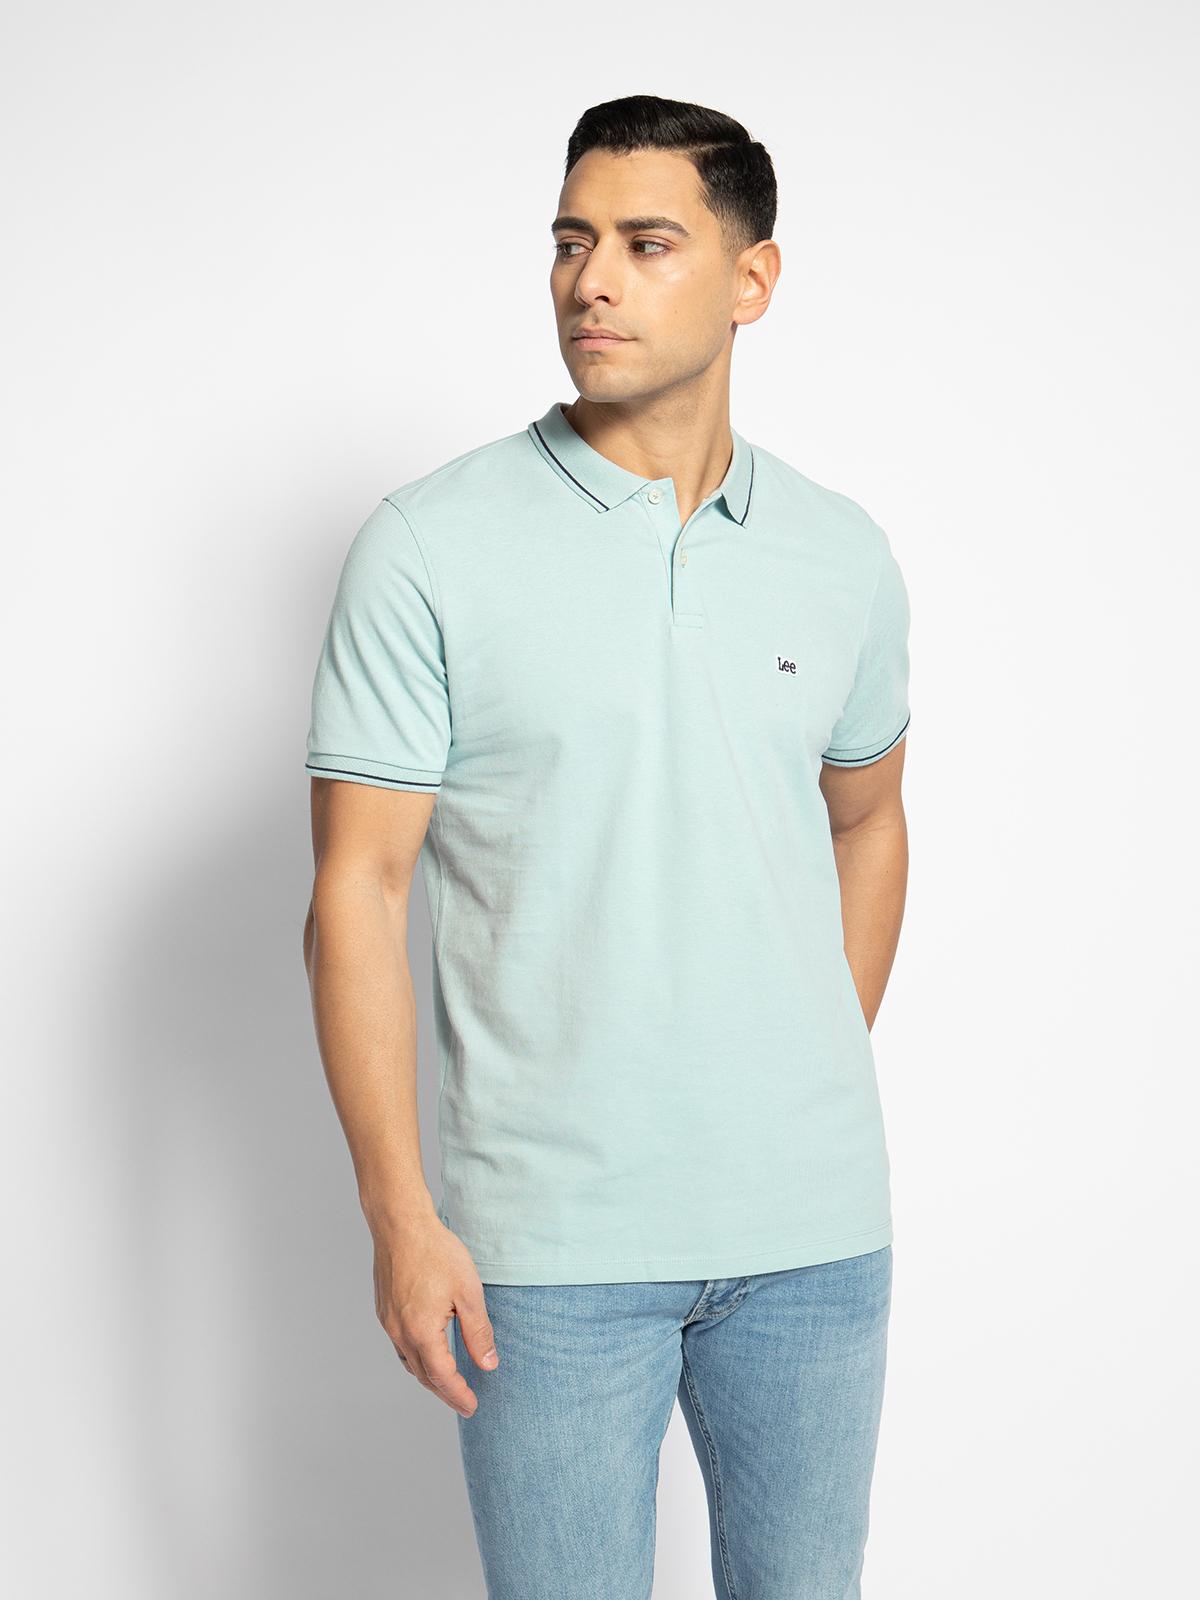 Lee Poloshirt in blau für Herren, Größe: M